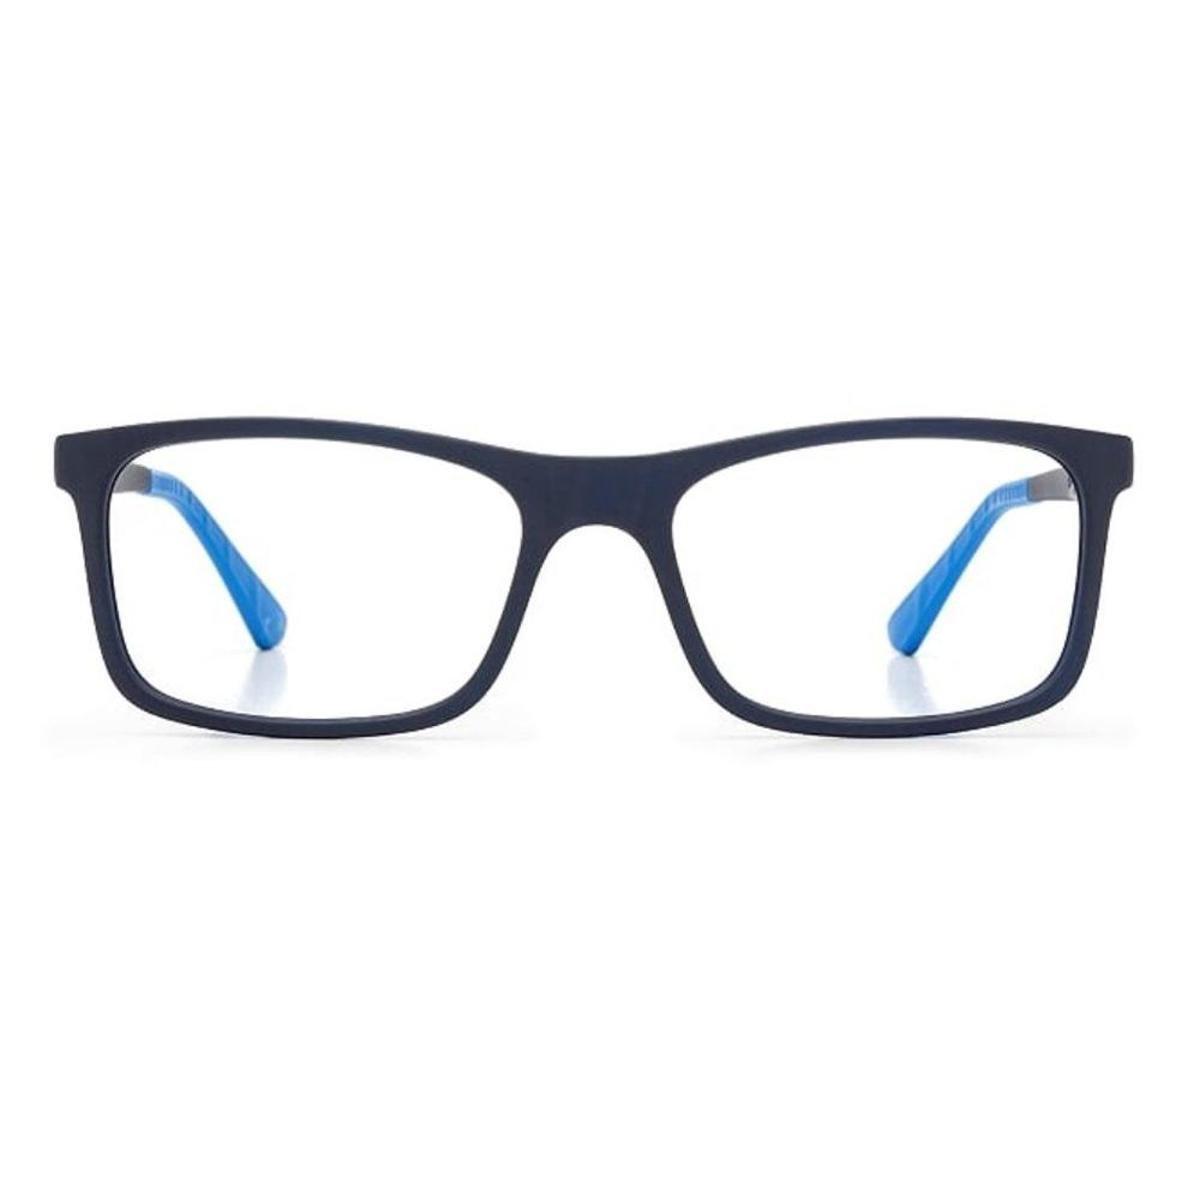 0c5d31b449e08 Armação Mormaii Slide Nxt Infantil - Azul - Compre Agora